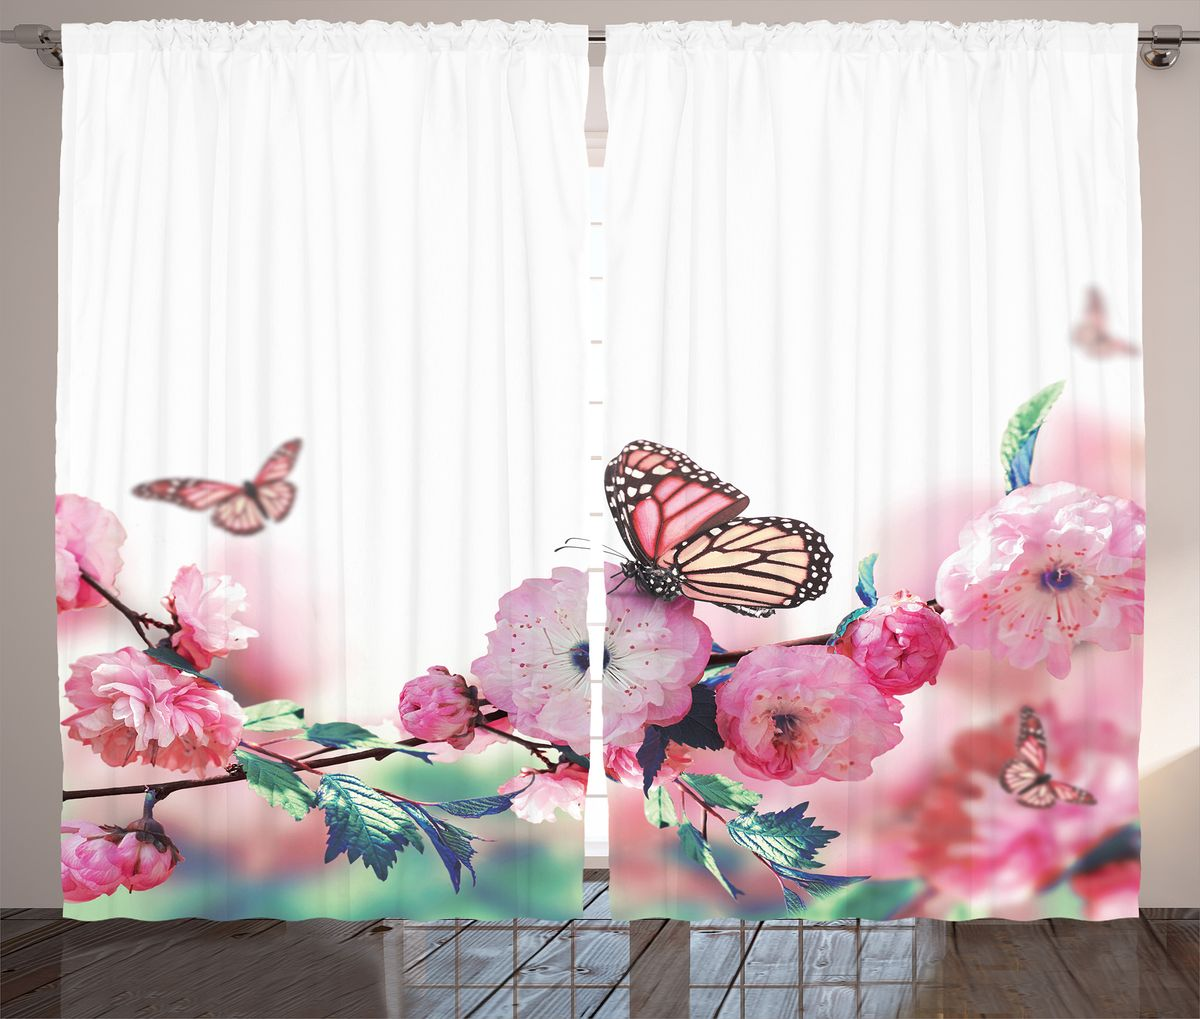 Комплект фотоштор Magic Lady Бабочки на розовых цветах, на ленте, высота 265 см. шсг_2637шсг_2637Компания Сэмболь изготавливает шторы из высококачественного сатена (полиэстер 100%). При изготовлении используются специальные гипоаллергенные чернила для прямой печати по ткани, безопасные для человека и животных. Экологичность продукции Magic lady и безопасность для окружающей среды подтверждены сертификатом Oeko-Tex Standard 100. Крепление: крючки для крепления на шторной ленте (50 шт). Возможно крепление на трубу. Внимание! При нанесении сублимационной печати на ткань технологическим методом при температуре 240°С, возможно отклонение полученных размеров (указанных на этикетке и сайте) от стандартных на + - 3-5 см. Производитель старается максимально точно передать цвета изделия на фотографиях, однако искажения неизбежны и фактический цвет изделия может отличаться от воспринимаемого по фото. Обратите внимание! Шторы изготовлены из полиэстра сатенового переплетения, а не из сатина (хлопок). Размер одного полотна шторы: 145х265 см. В комплекте 2 полотна шторы и 50 крючков.